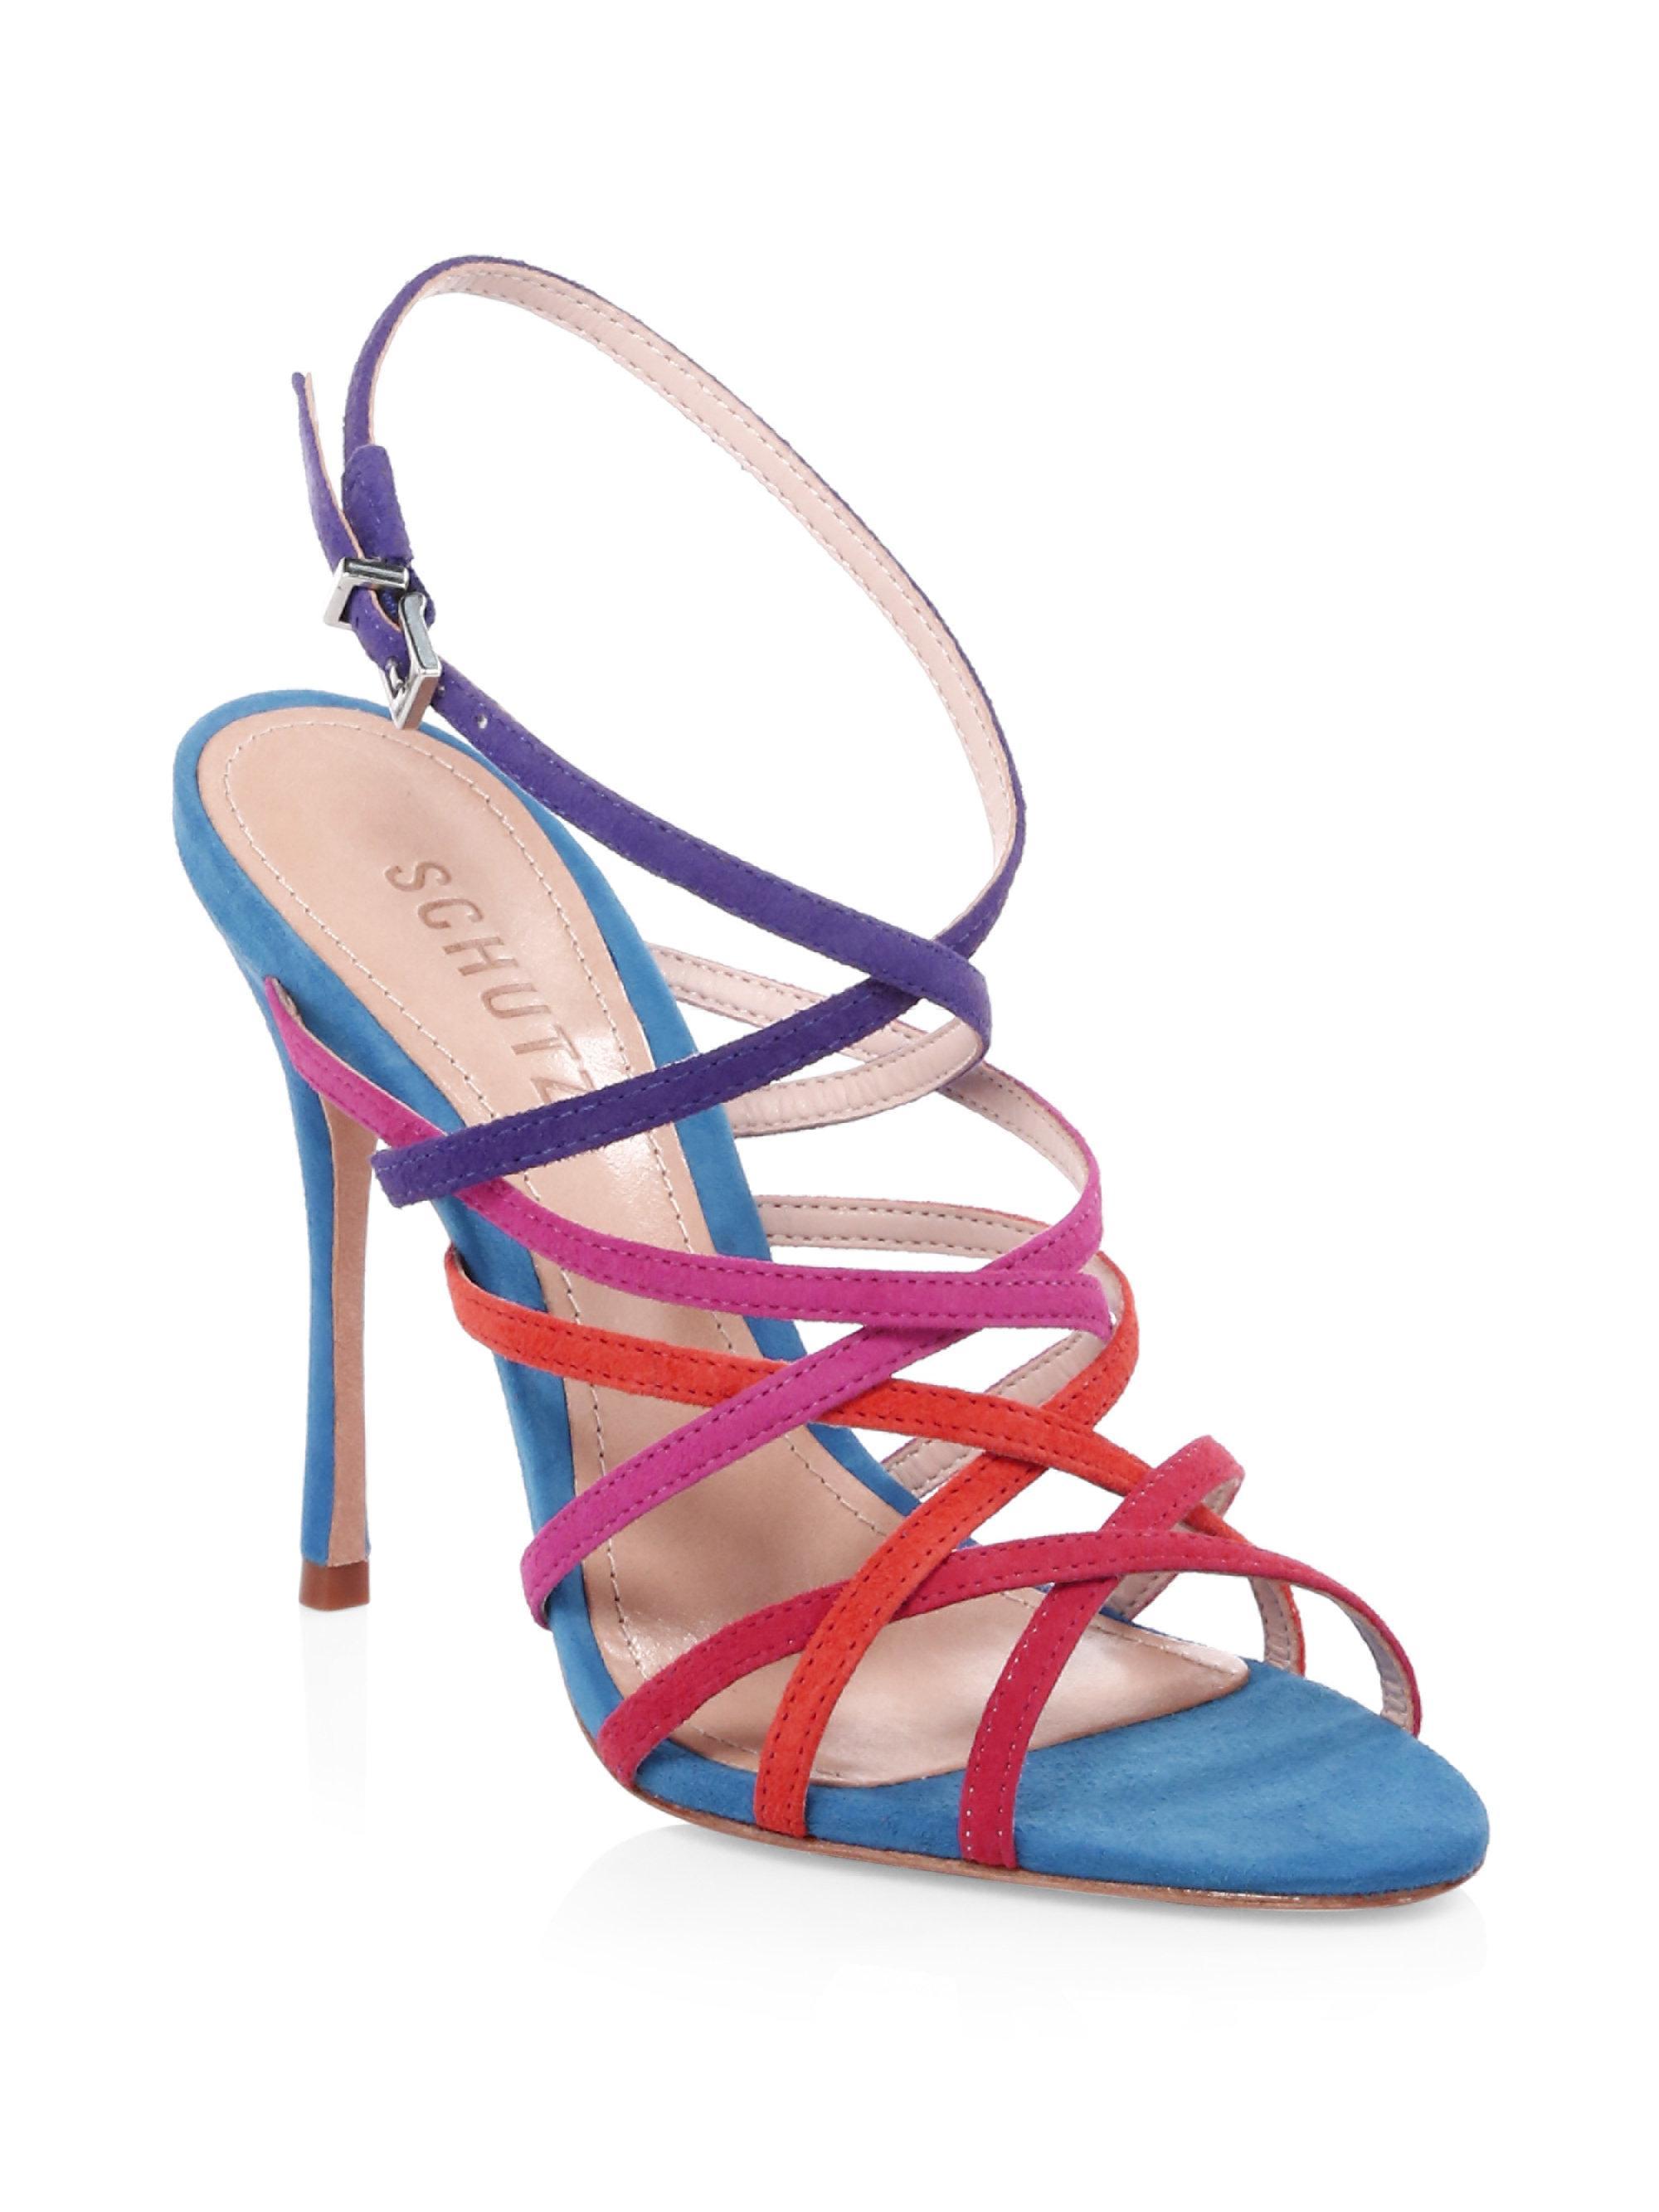 Schutz Lizbeth Suede Ankle-Strap Sandals ZTXG1